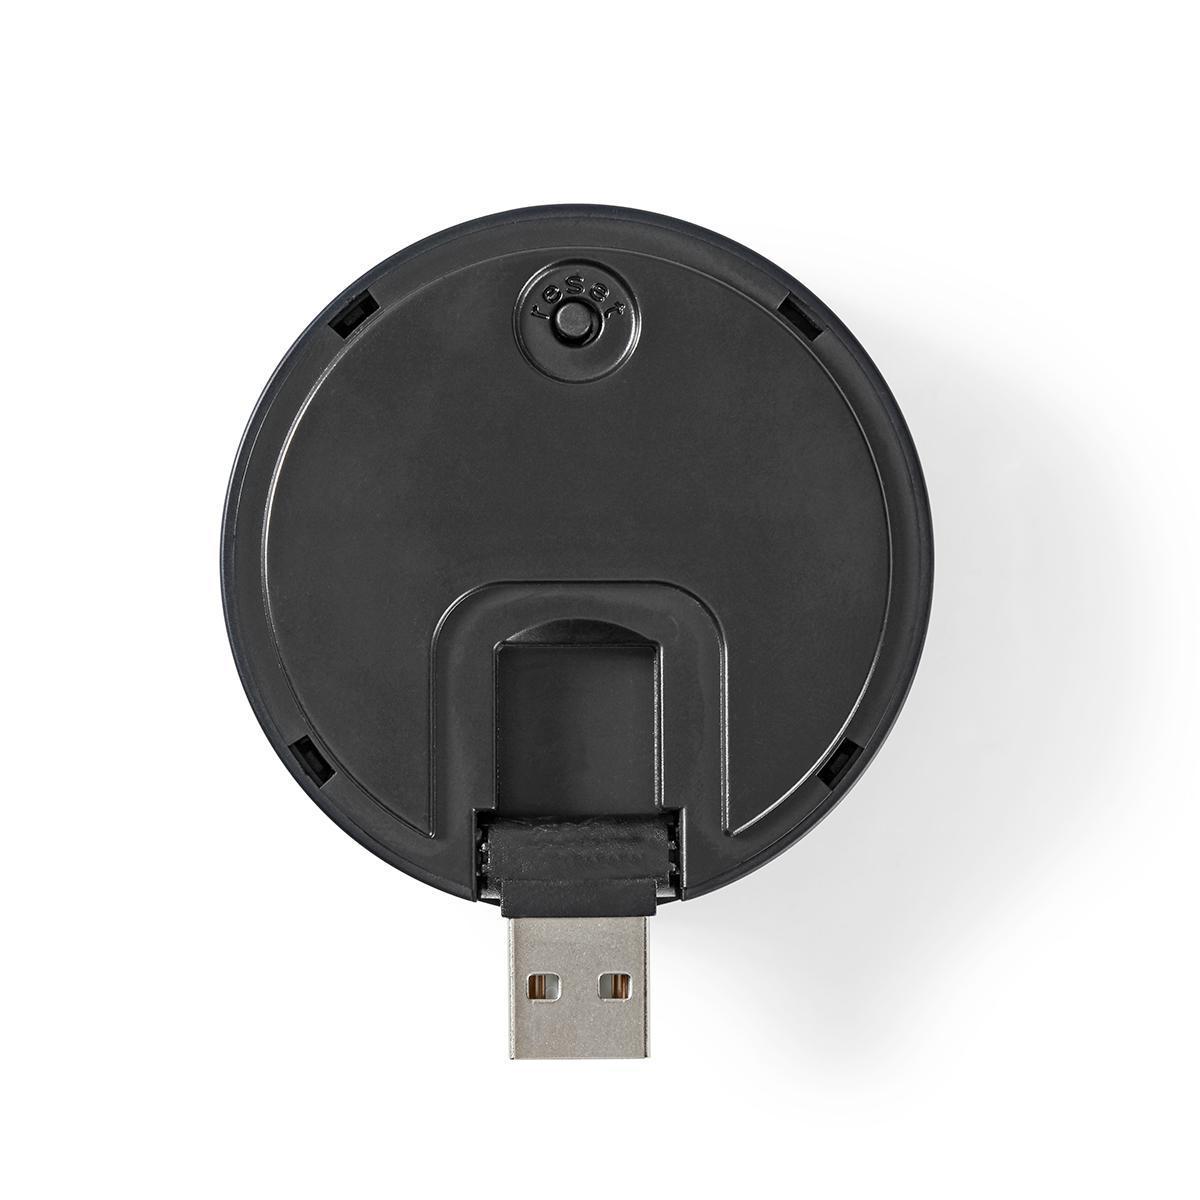 Sonnette Vidéo Intelligente Wi-Fi - Contrôle depuis l'Application - Emplacement pour Carte MicroSD - HD 720p